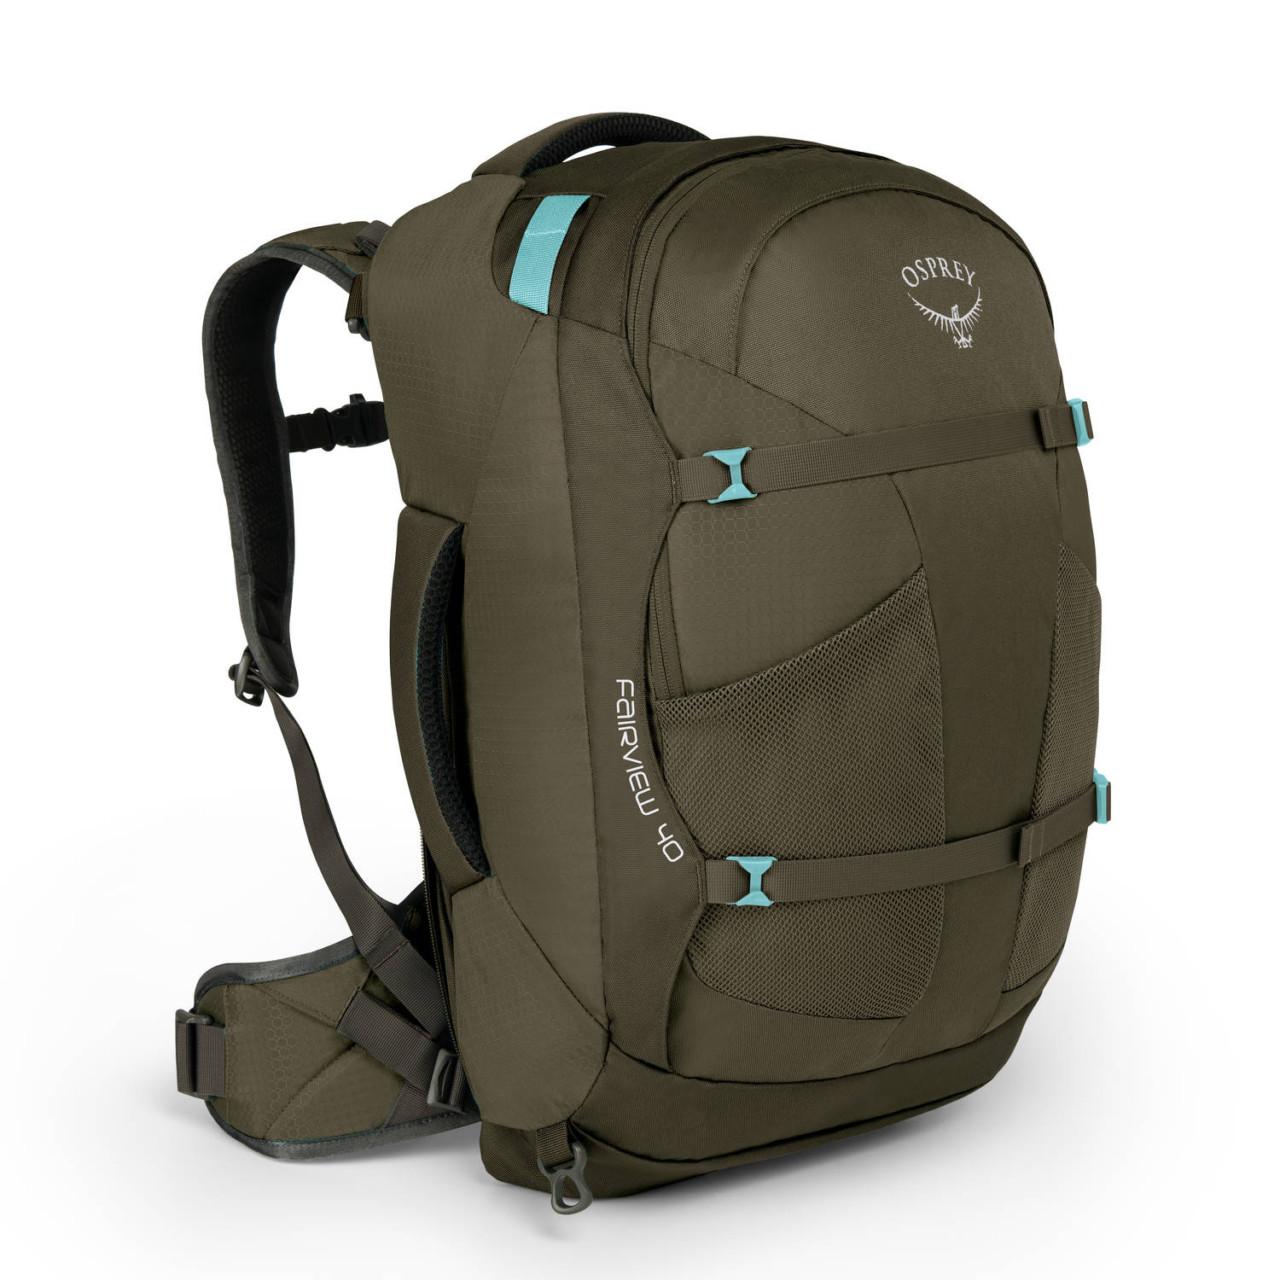 Osprey handbagage rugzak 40L